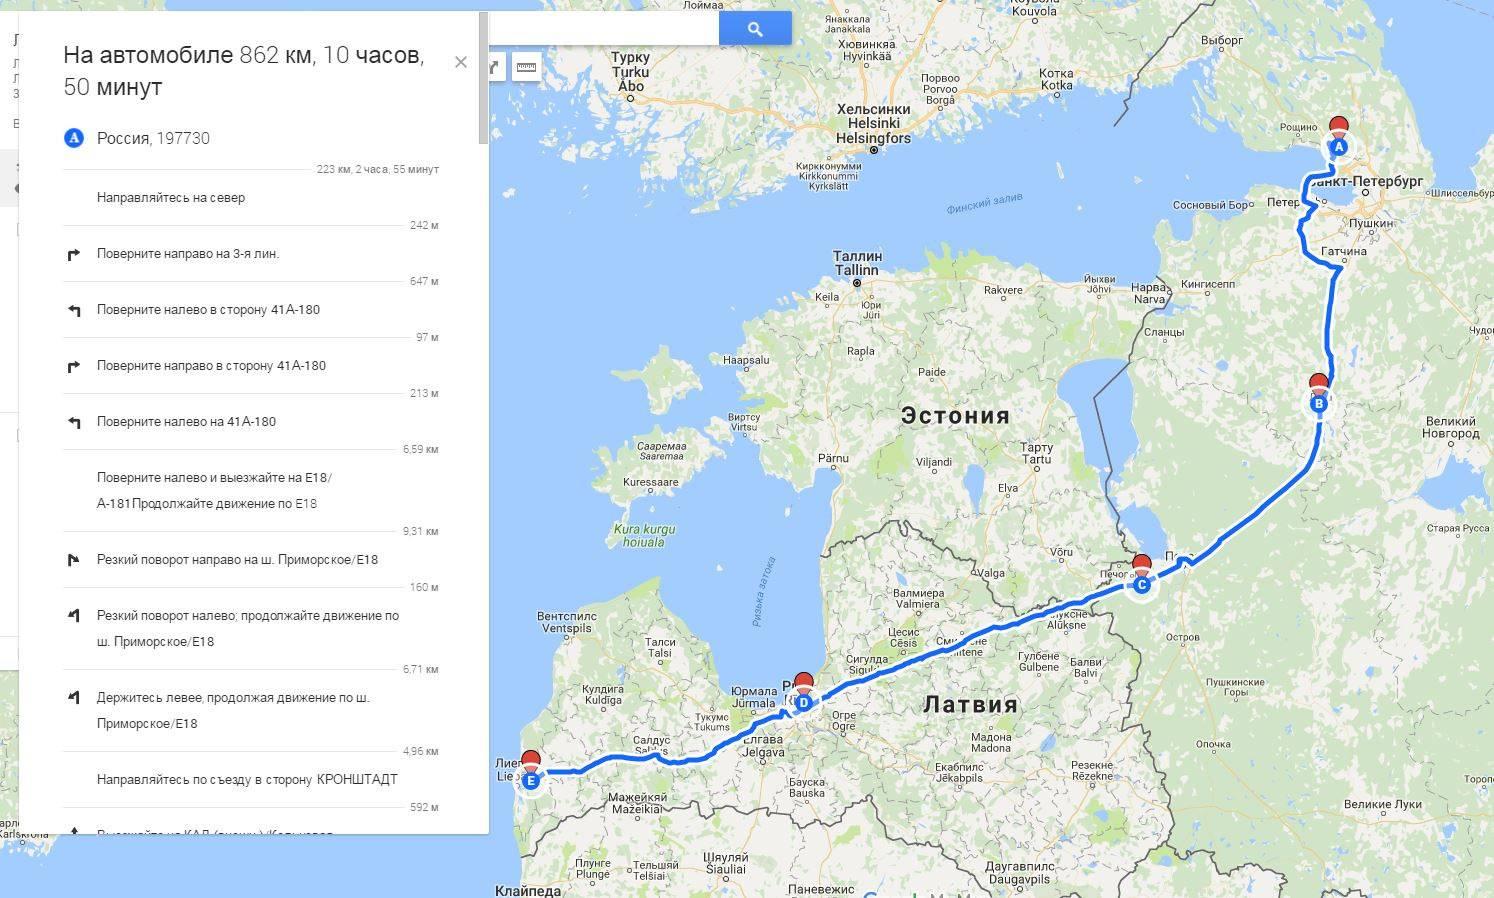 Отдых в латвии! или 8 причин посетить латвию (рига, юрмала, сигулда...)